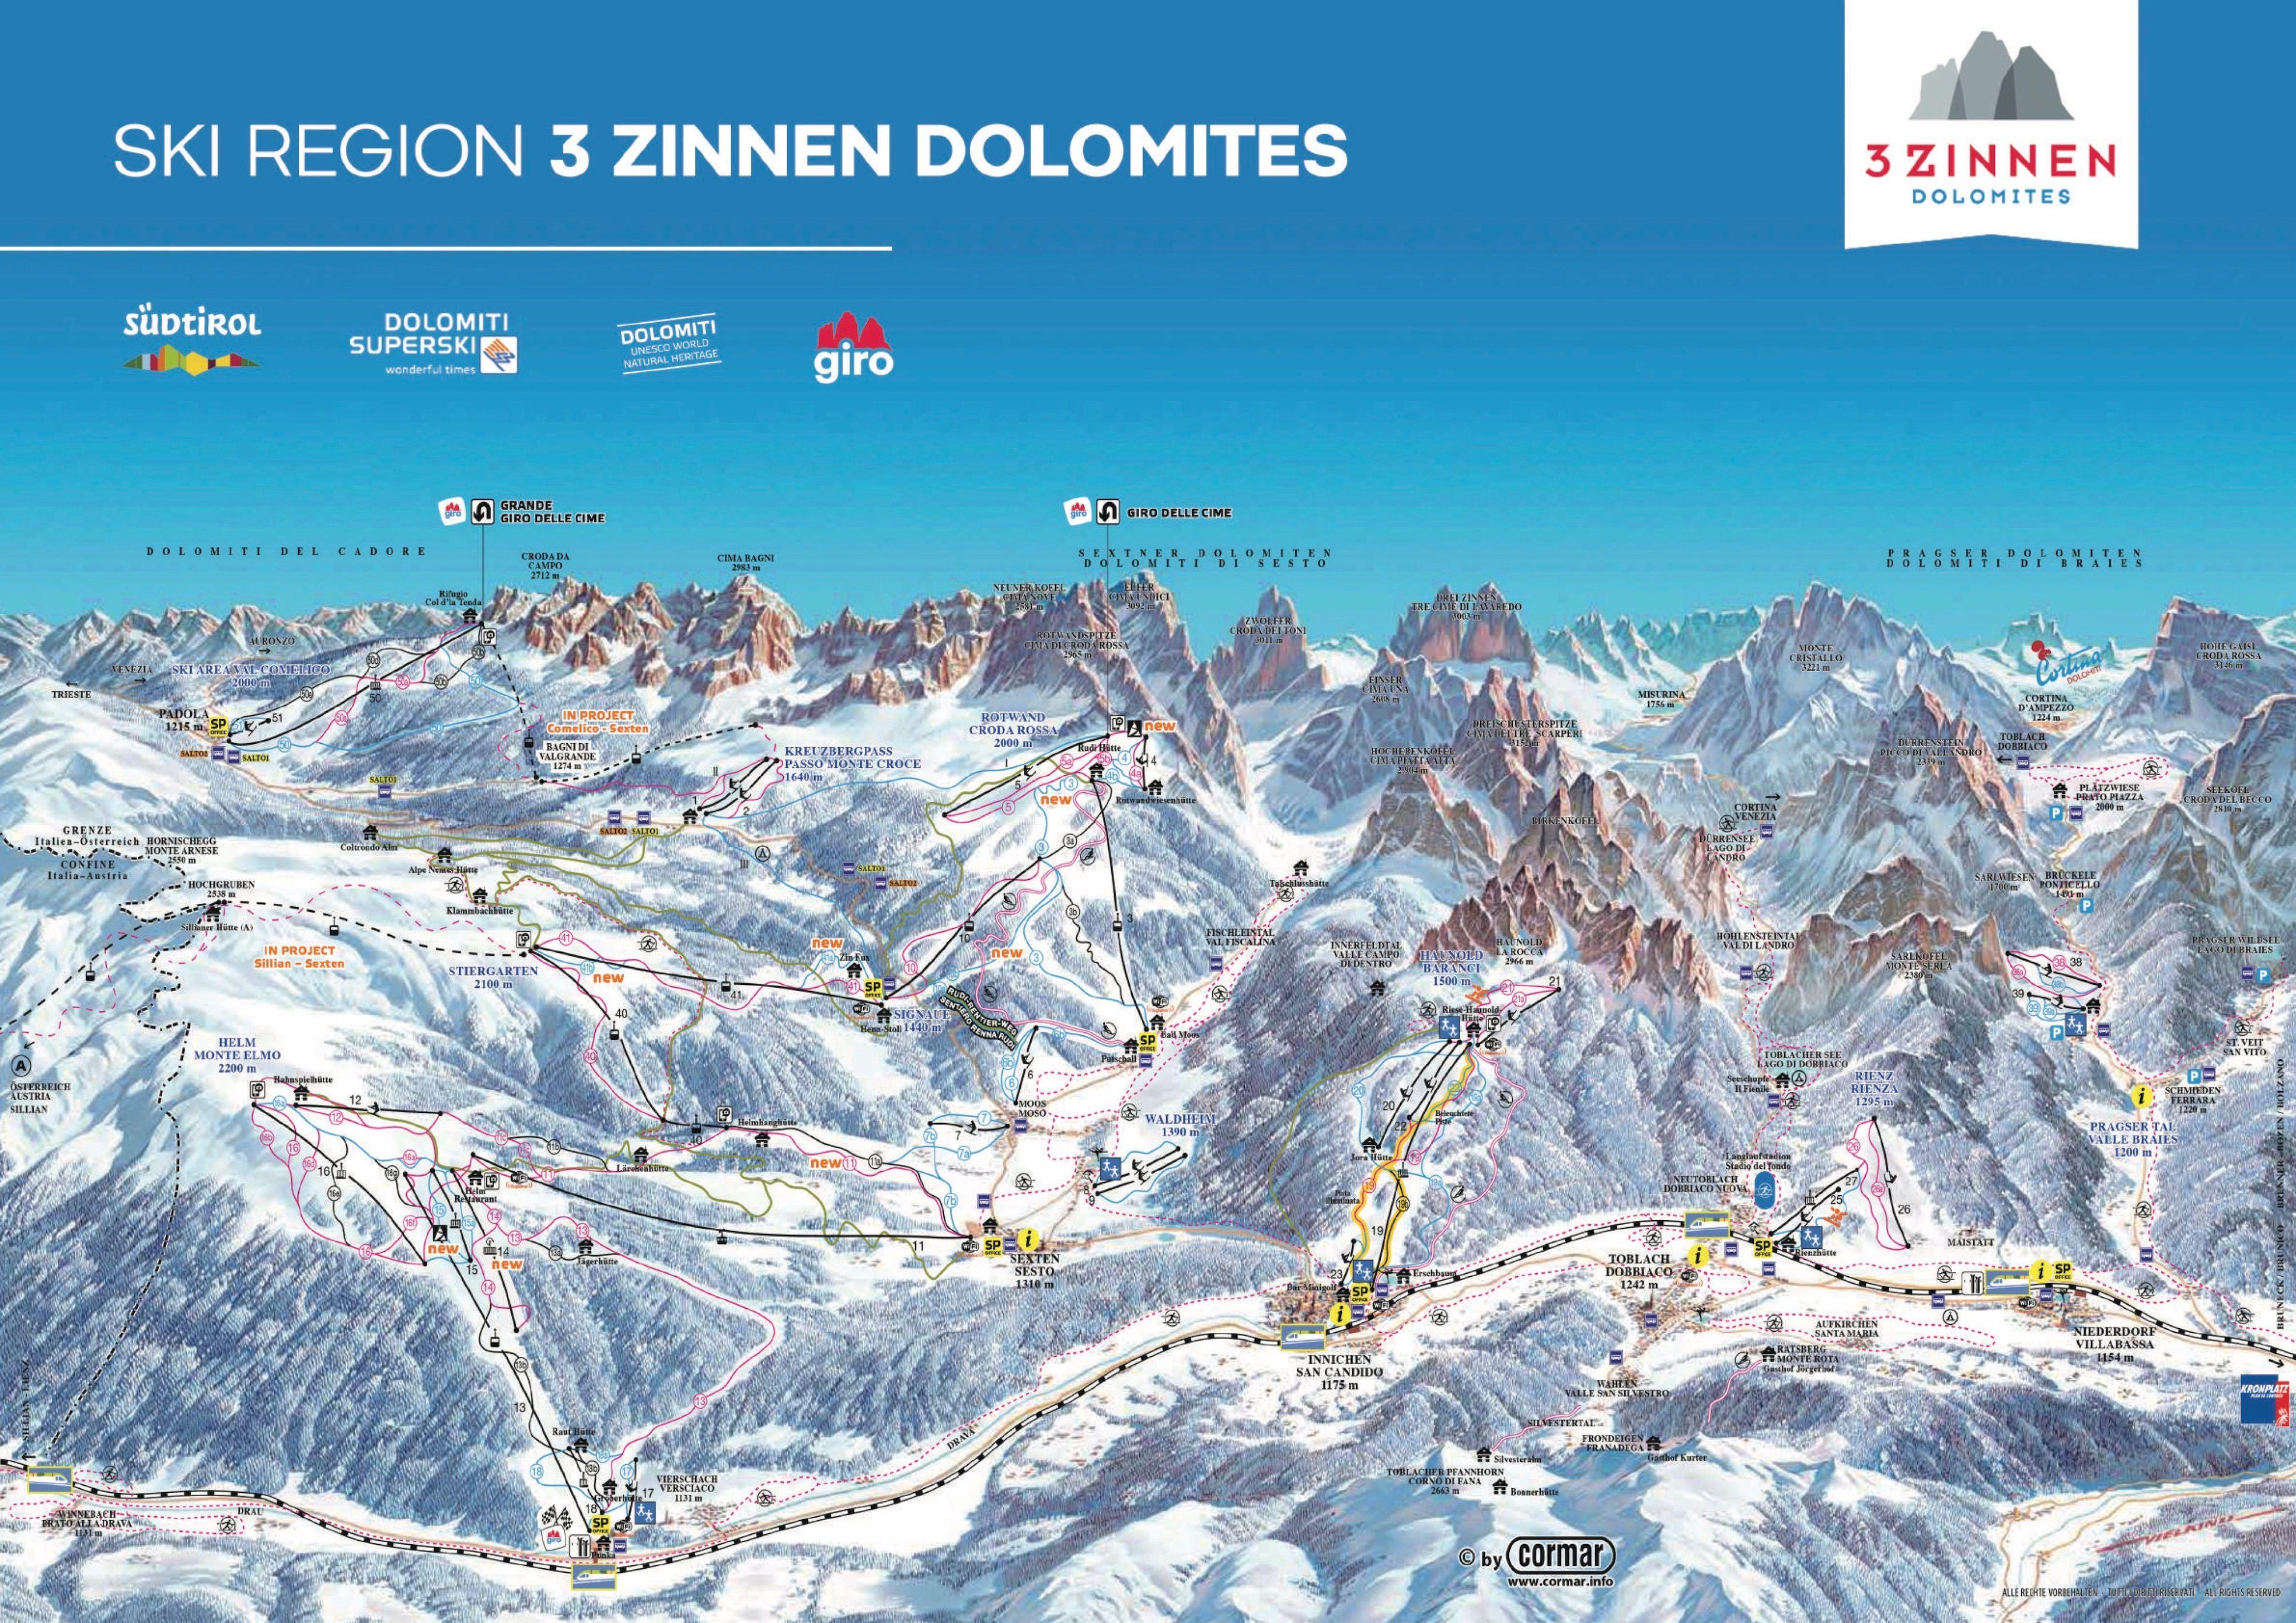 Drei Zinnen Dolomiten (2018-2019)